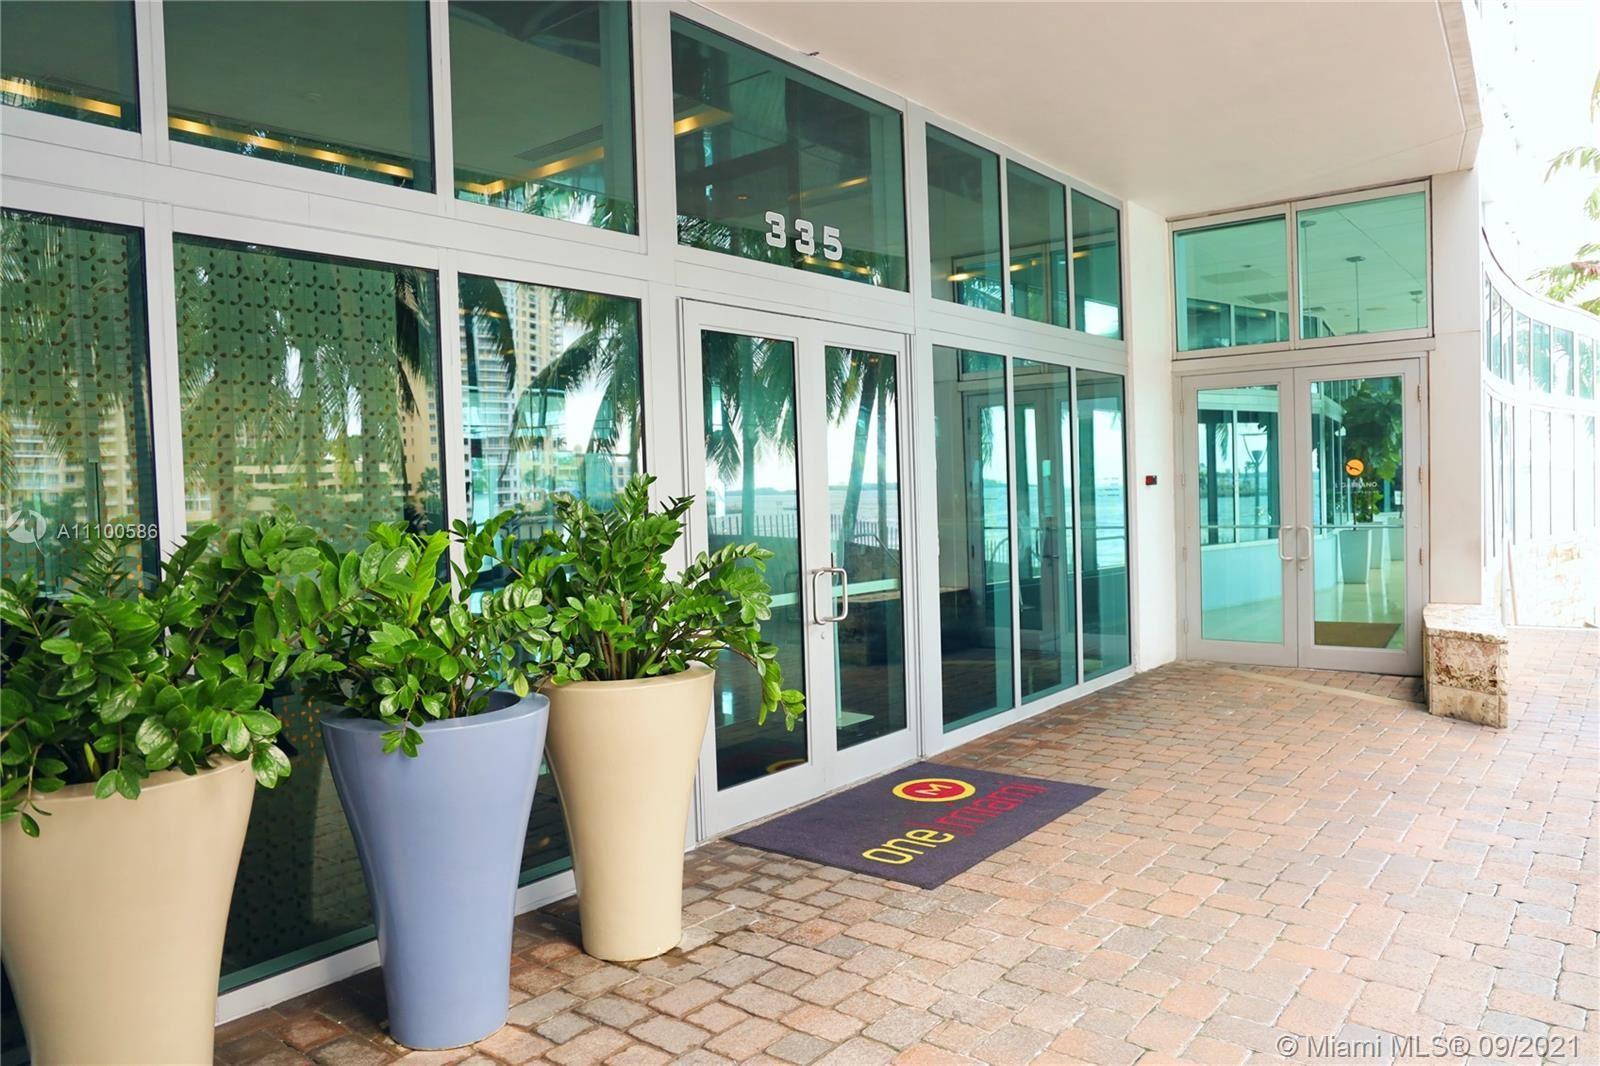 335 S Biscayne Blvd #804, Miami, FL 33131 - #: A11100586